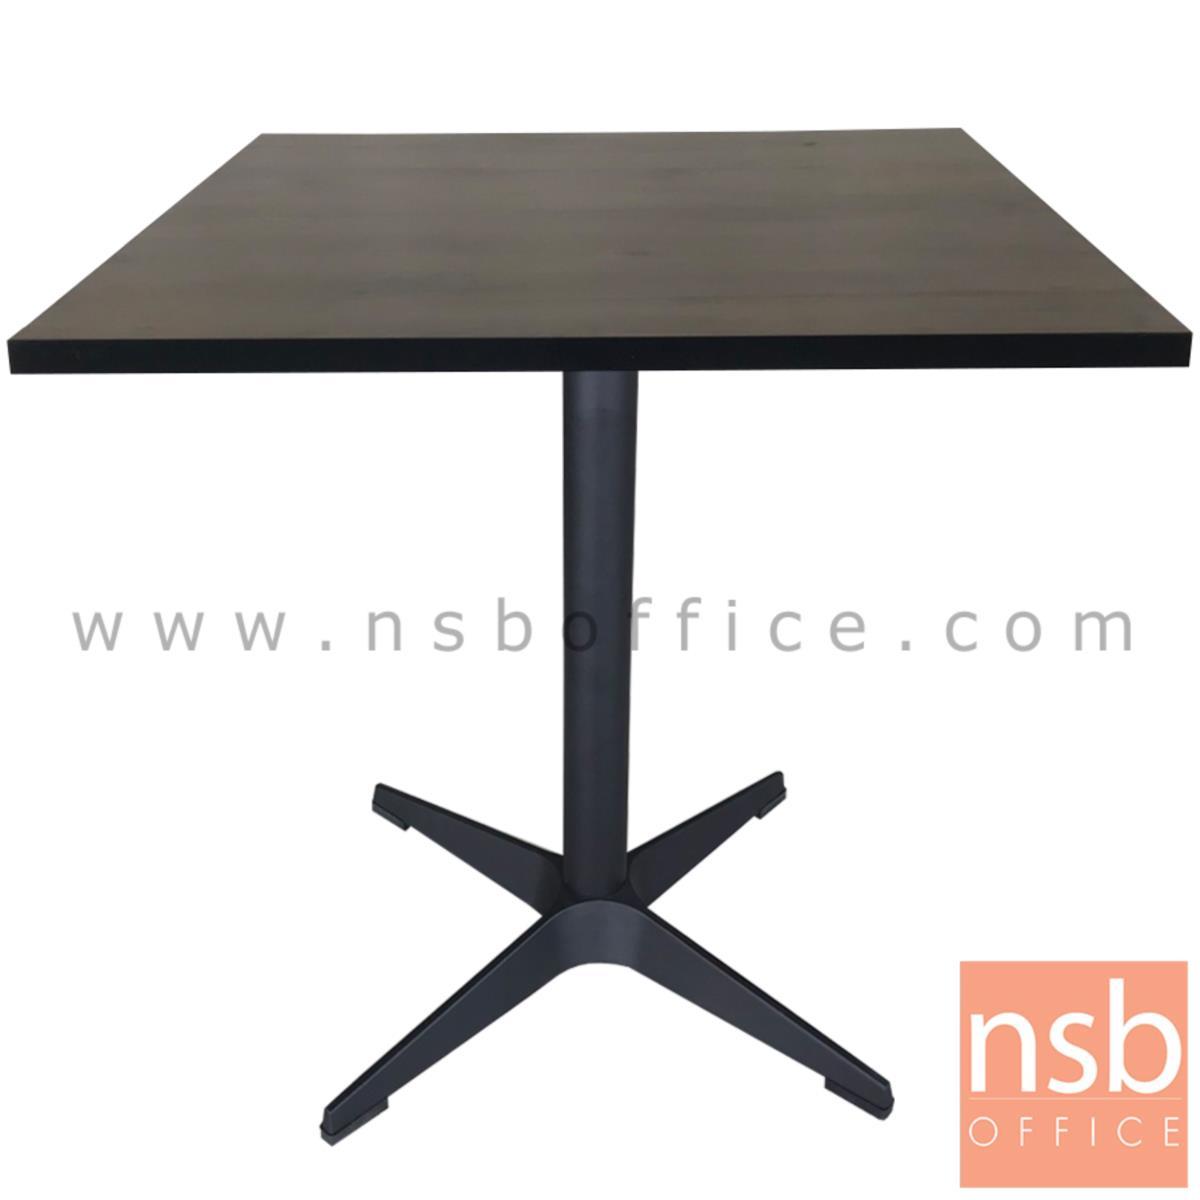 ขาโต๊ะบาร์สี่แฉกอลูมิเนียม สีดำ รุ่น MUSKMELON (มัสคเมลัน)